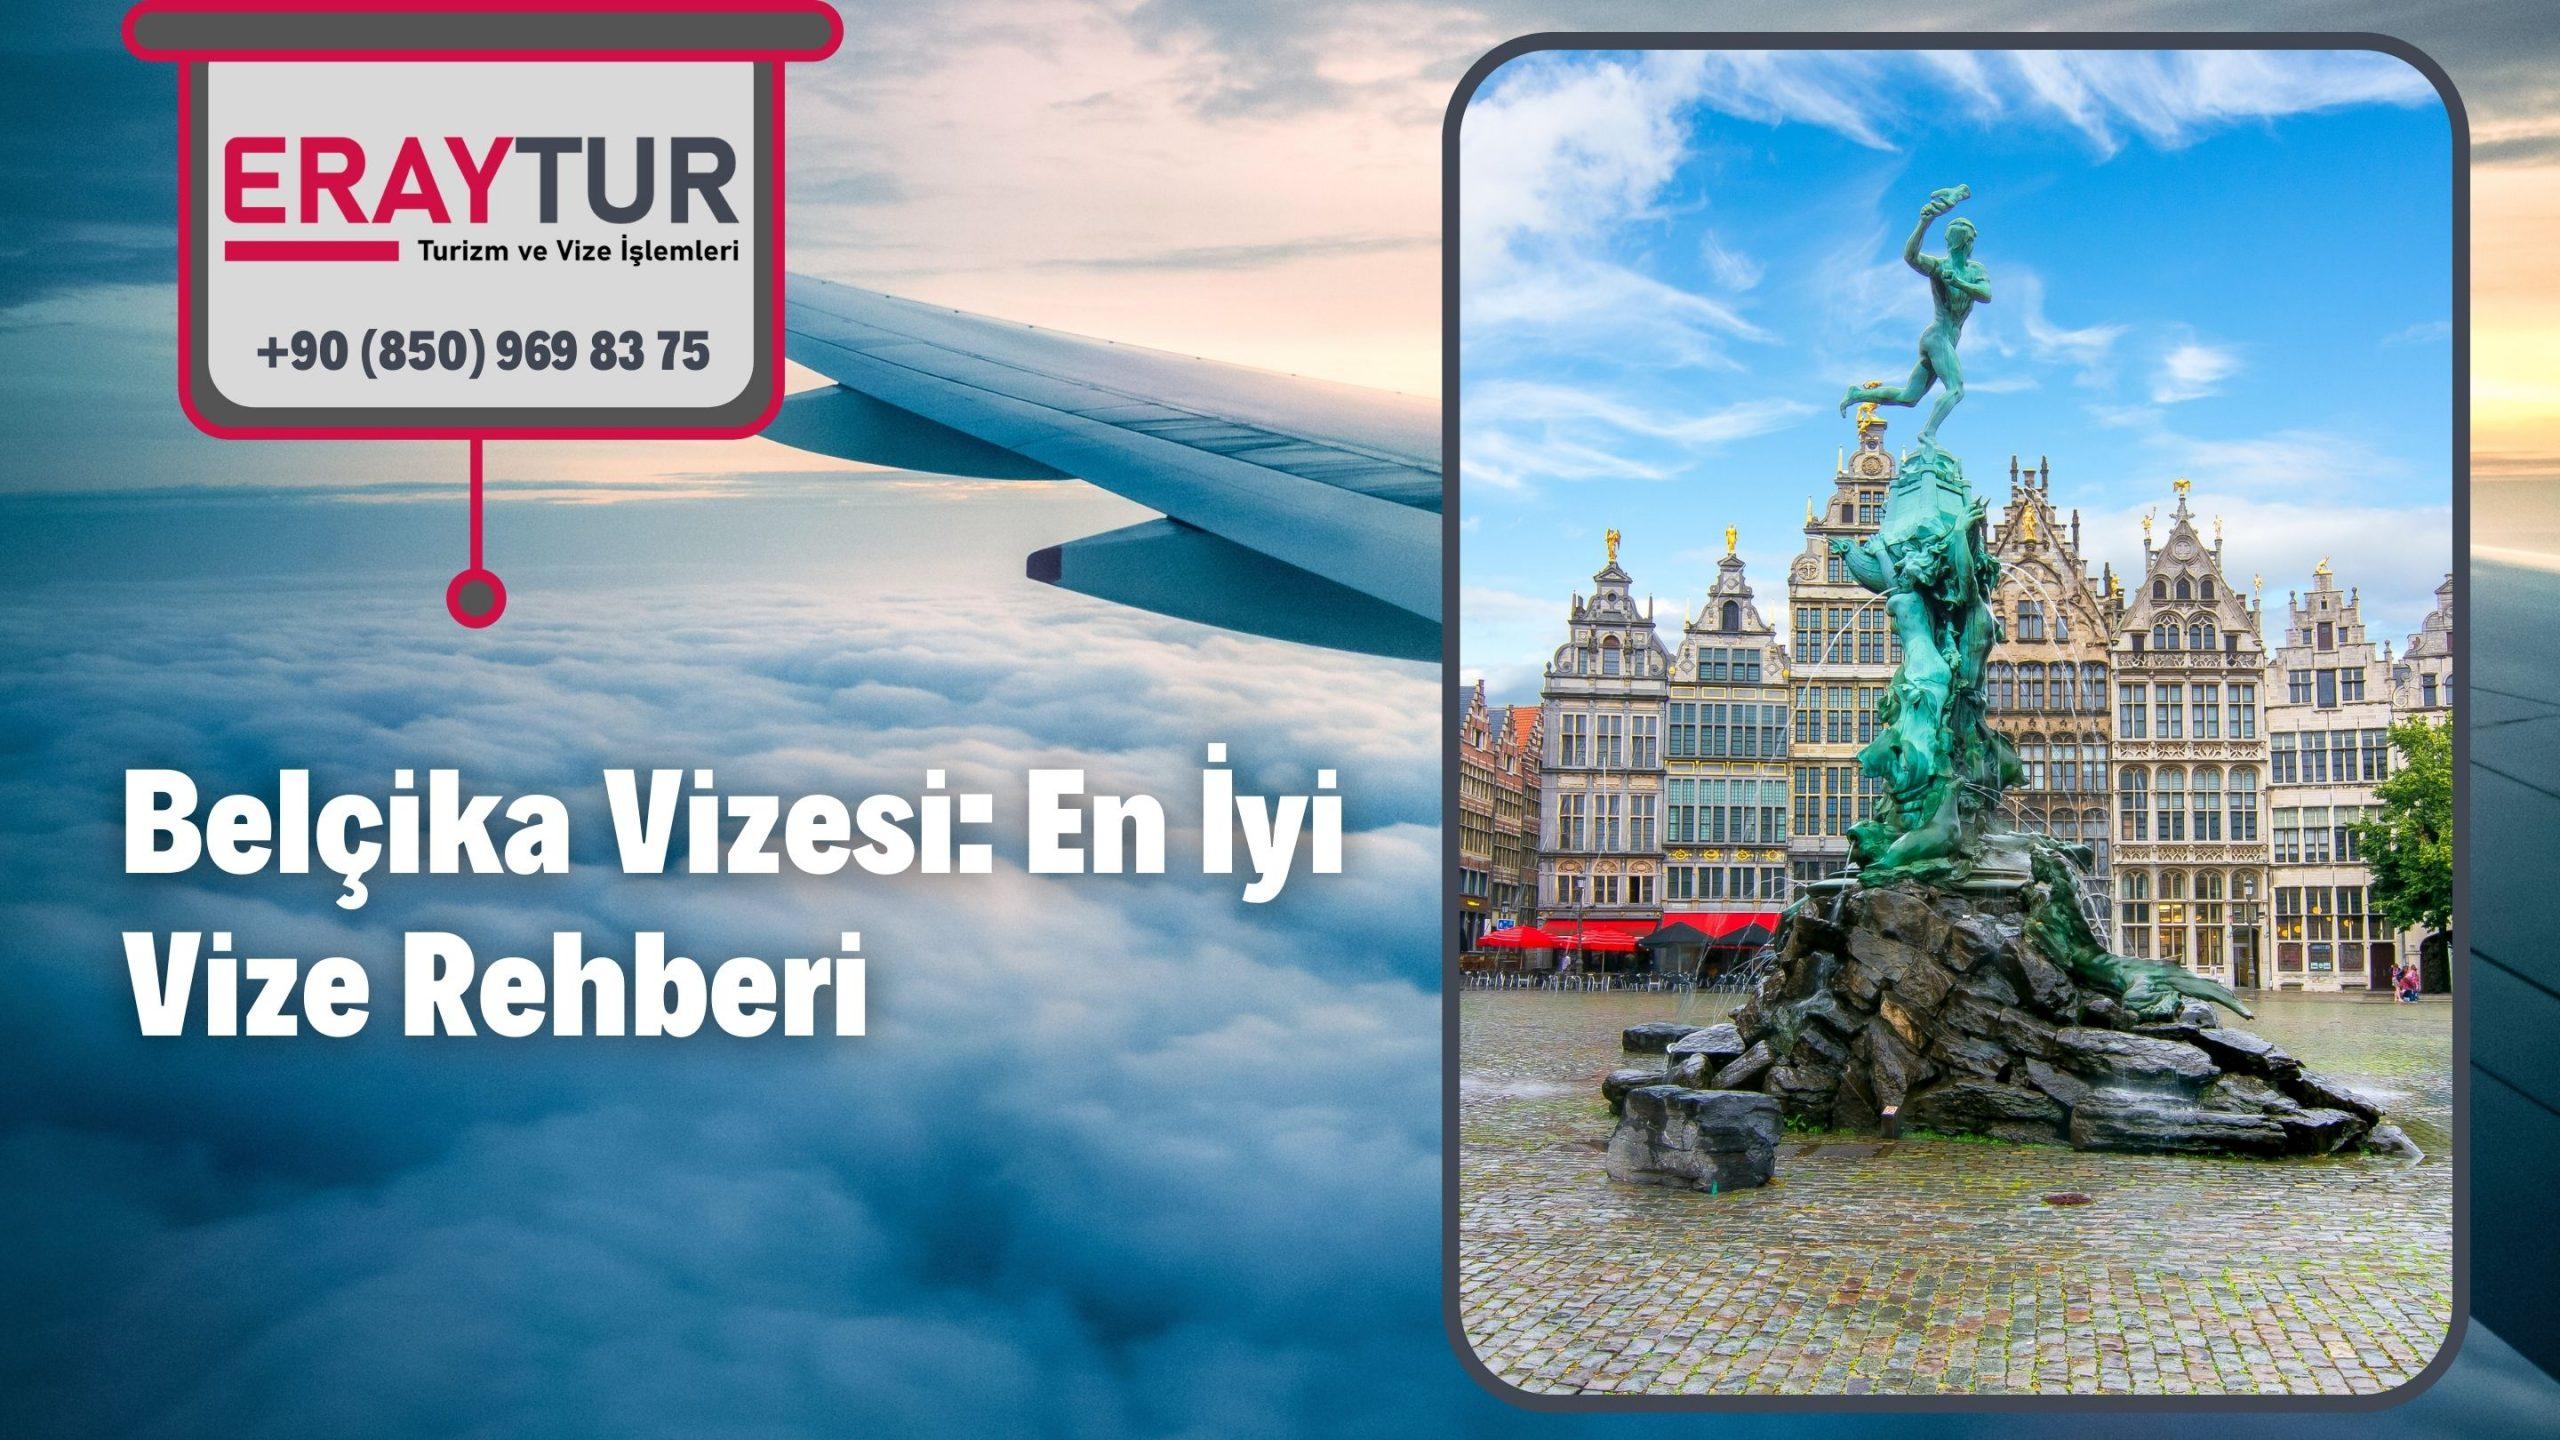 Belçika Vizesi: En İyi Vize Rehberi 2021